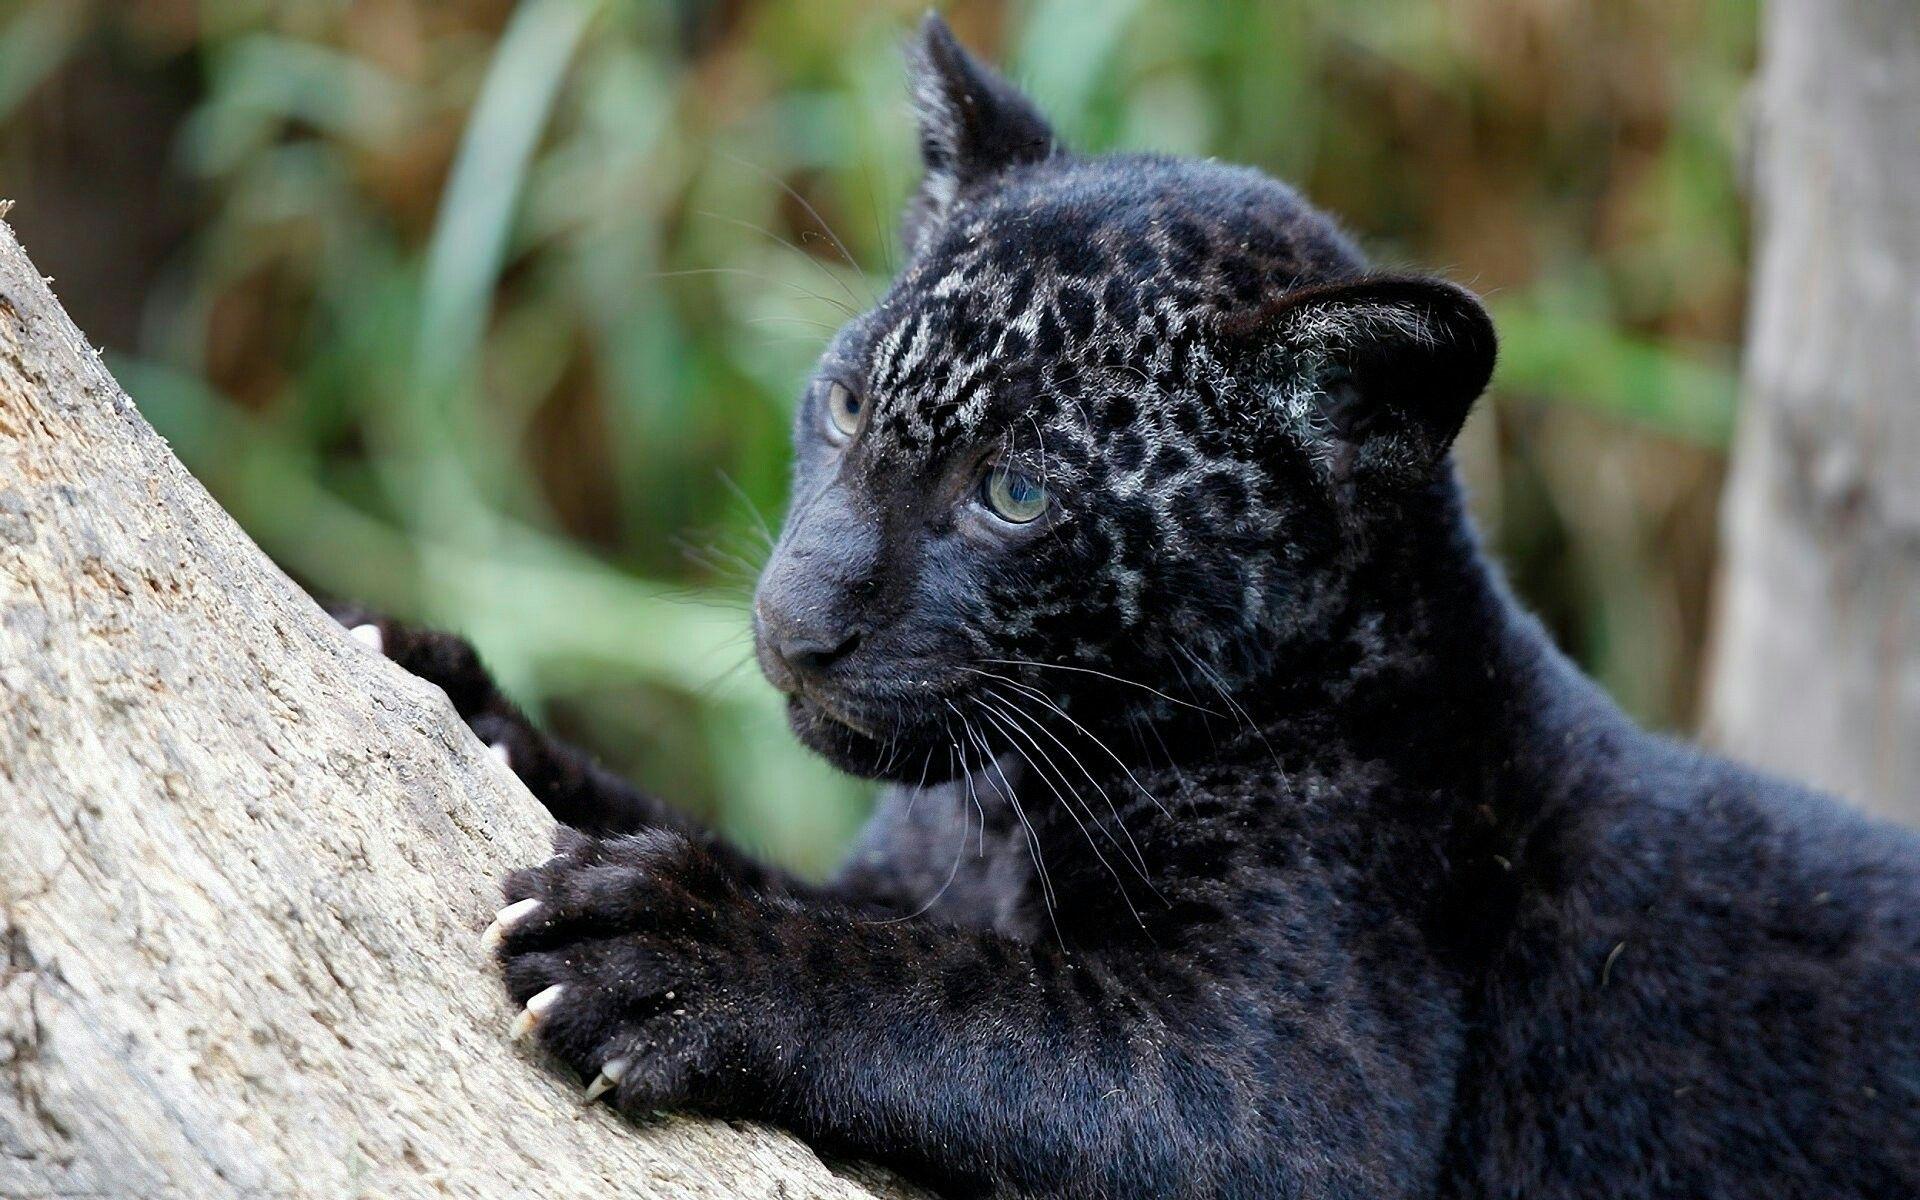 Black Leopard Baby With Images Black Jaguar Animal